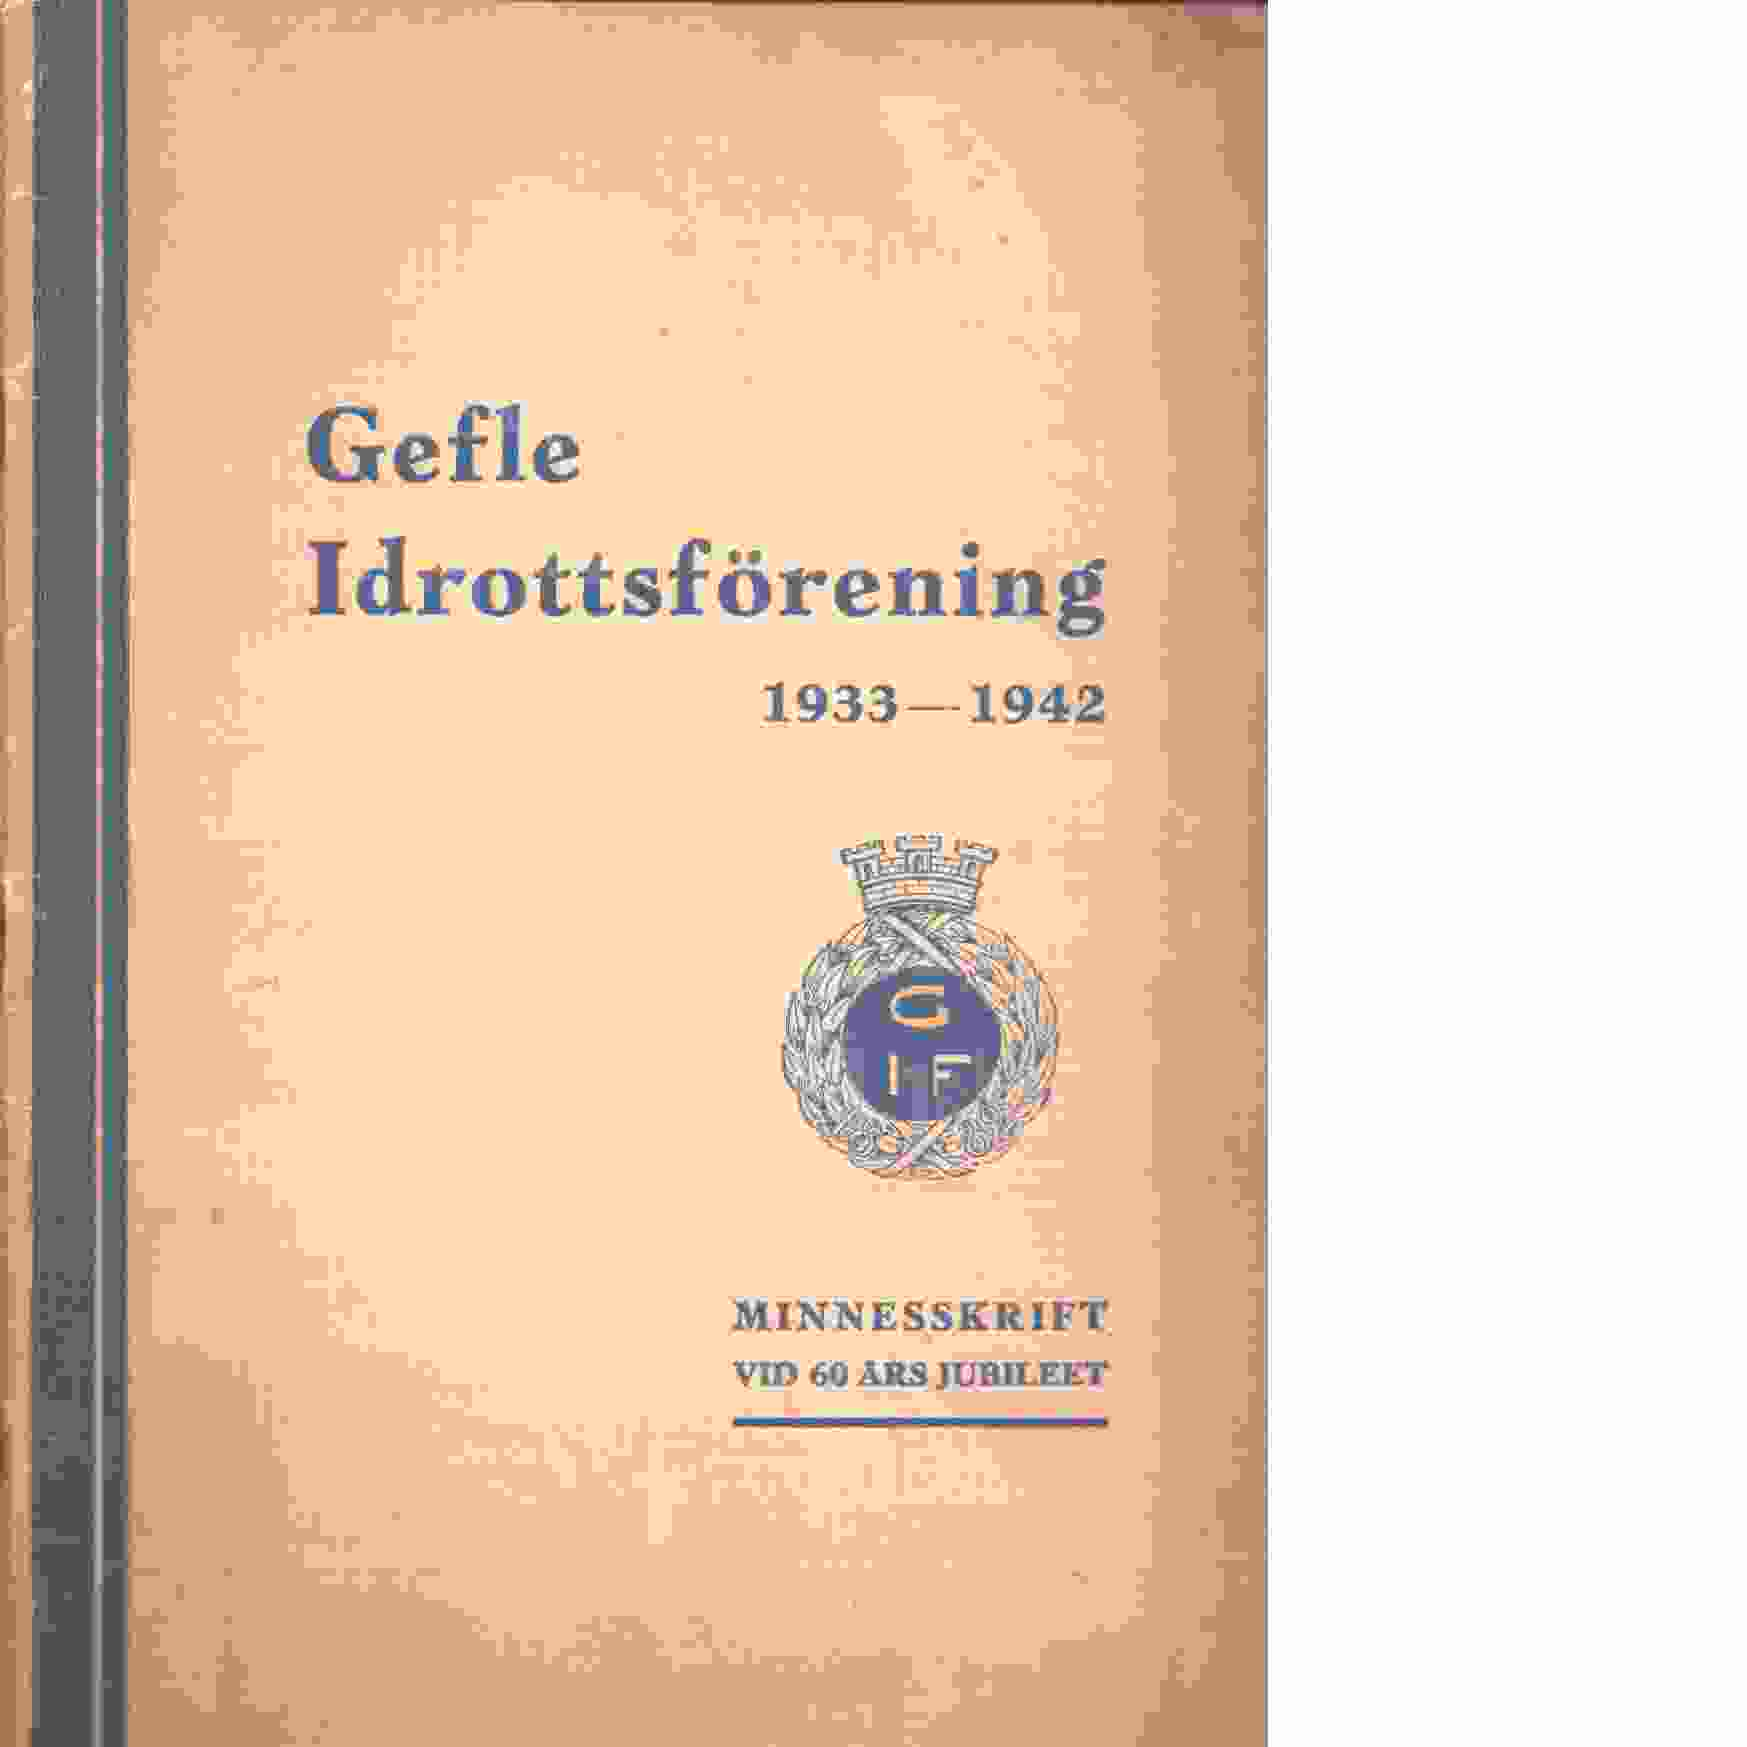 Gefle idrottsförening 1933-1942 : Minnesskrift vid 60 års jubileet - Red Gävle : Arbetarbladet